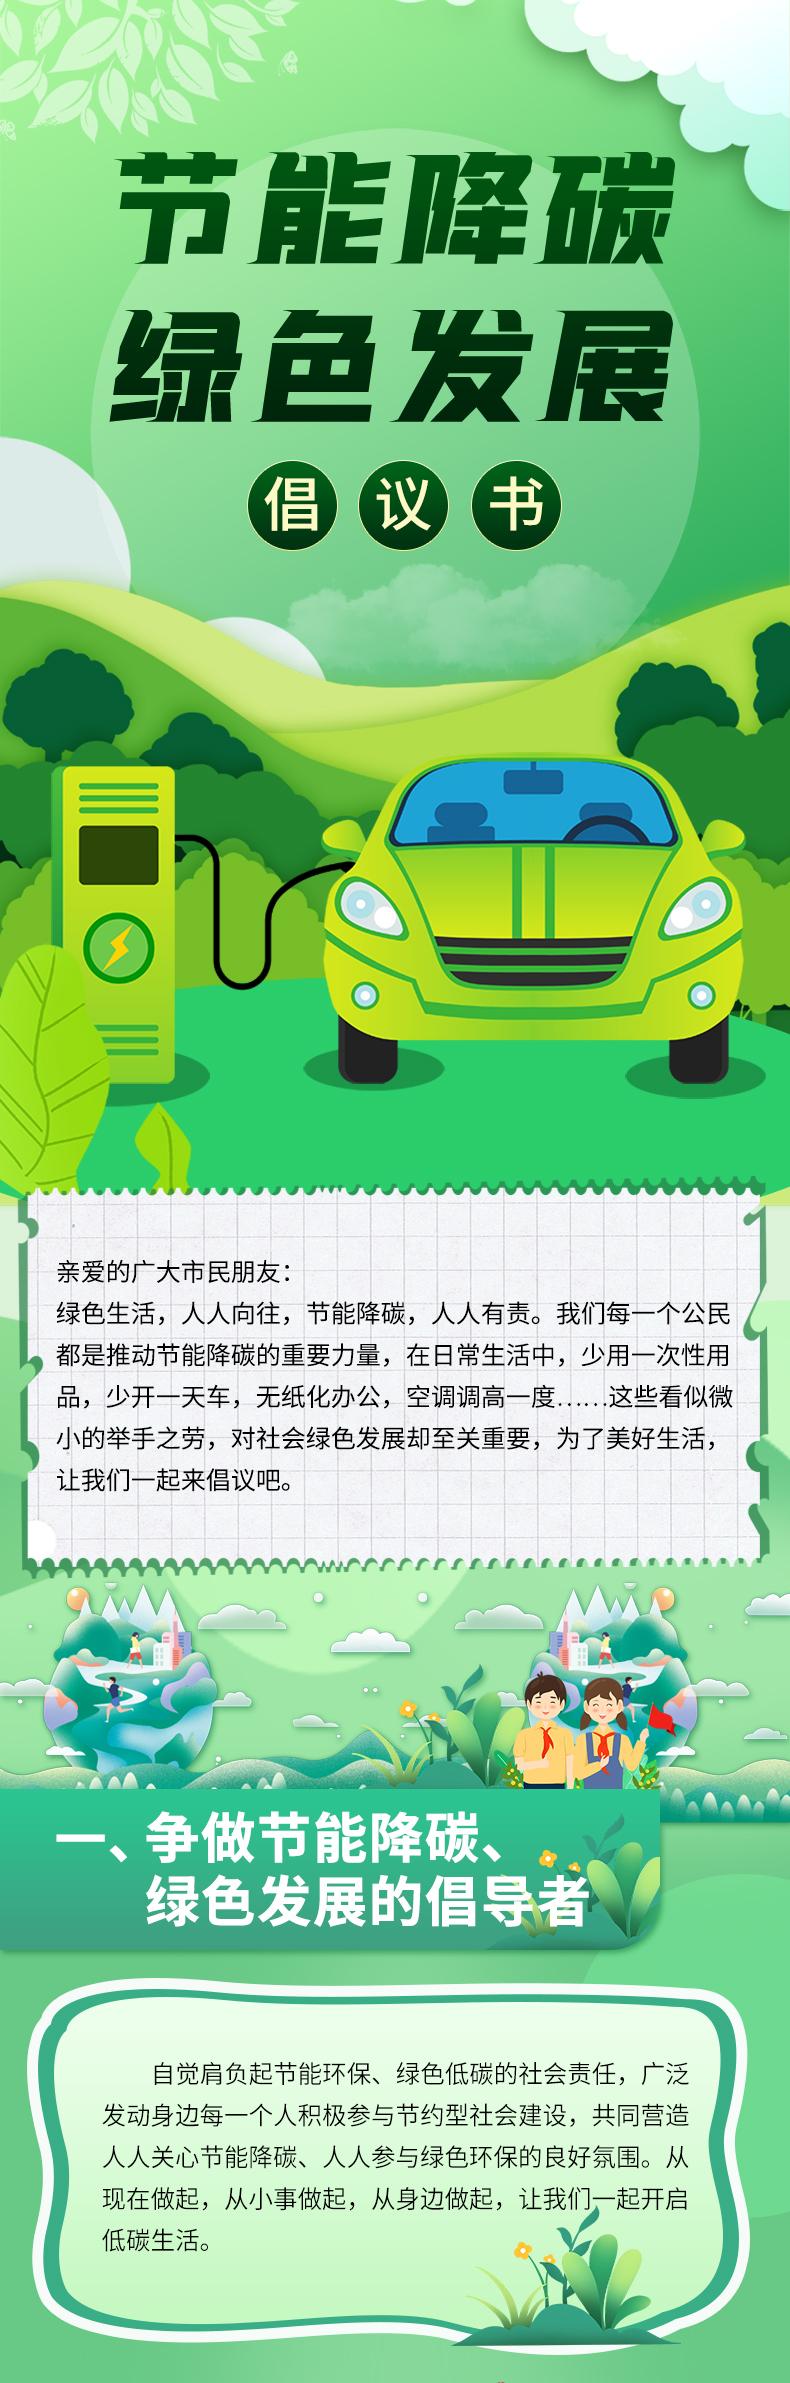 濮阳市发展改革委发布节能降碳、绿色发展倡议书